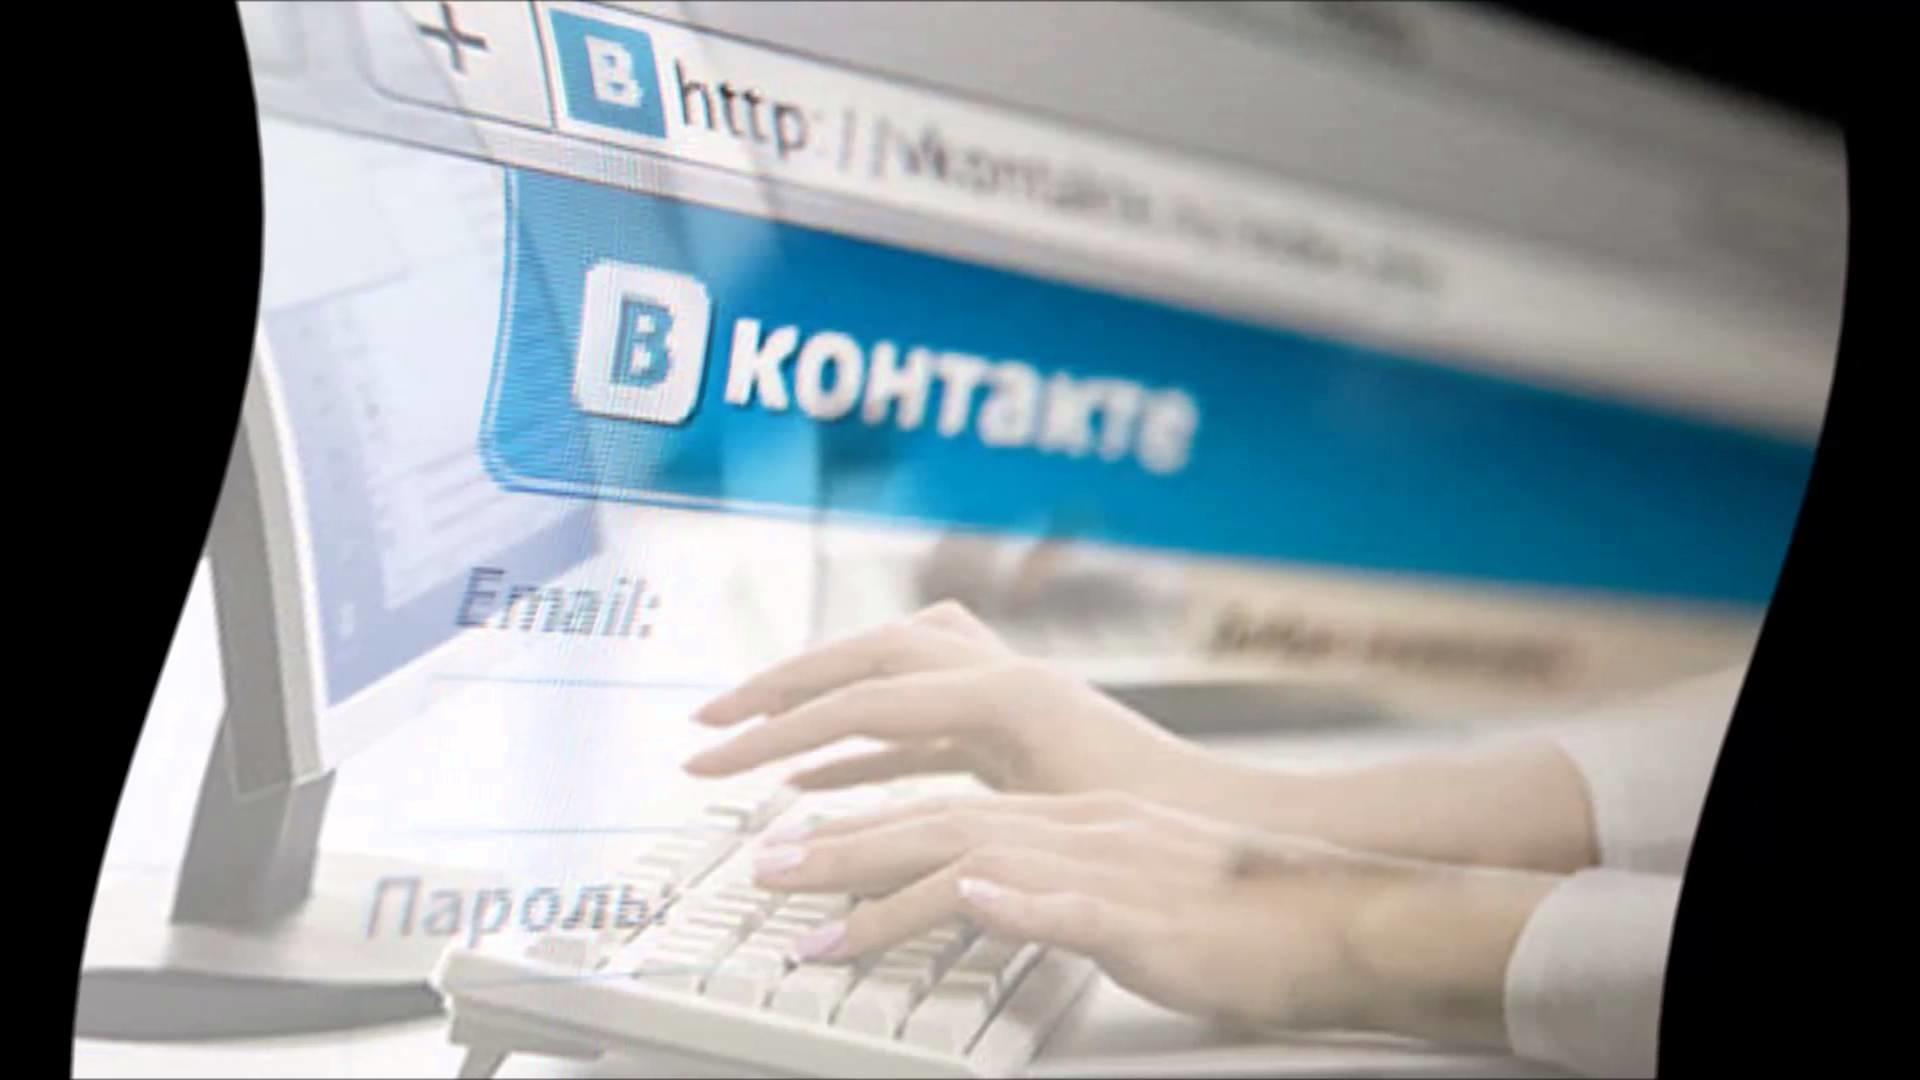 Как заблокировать группу или страницу в Вконтакте?